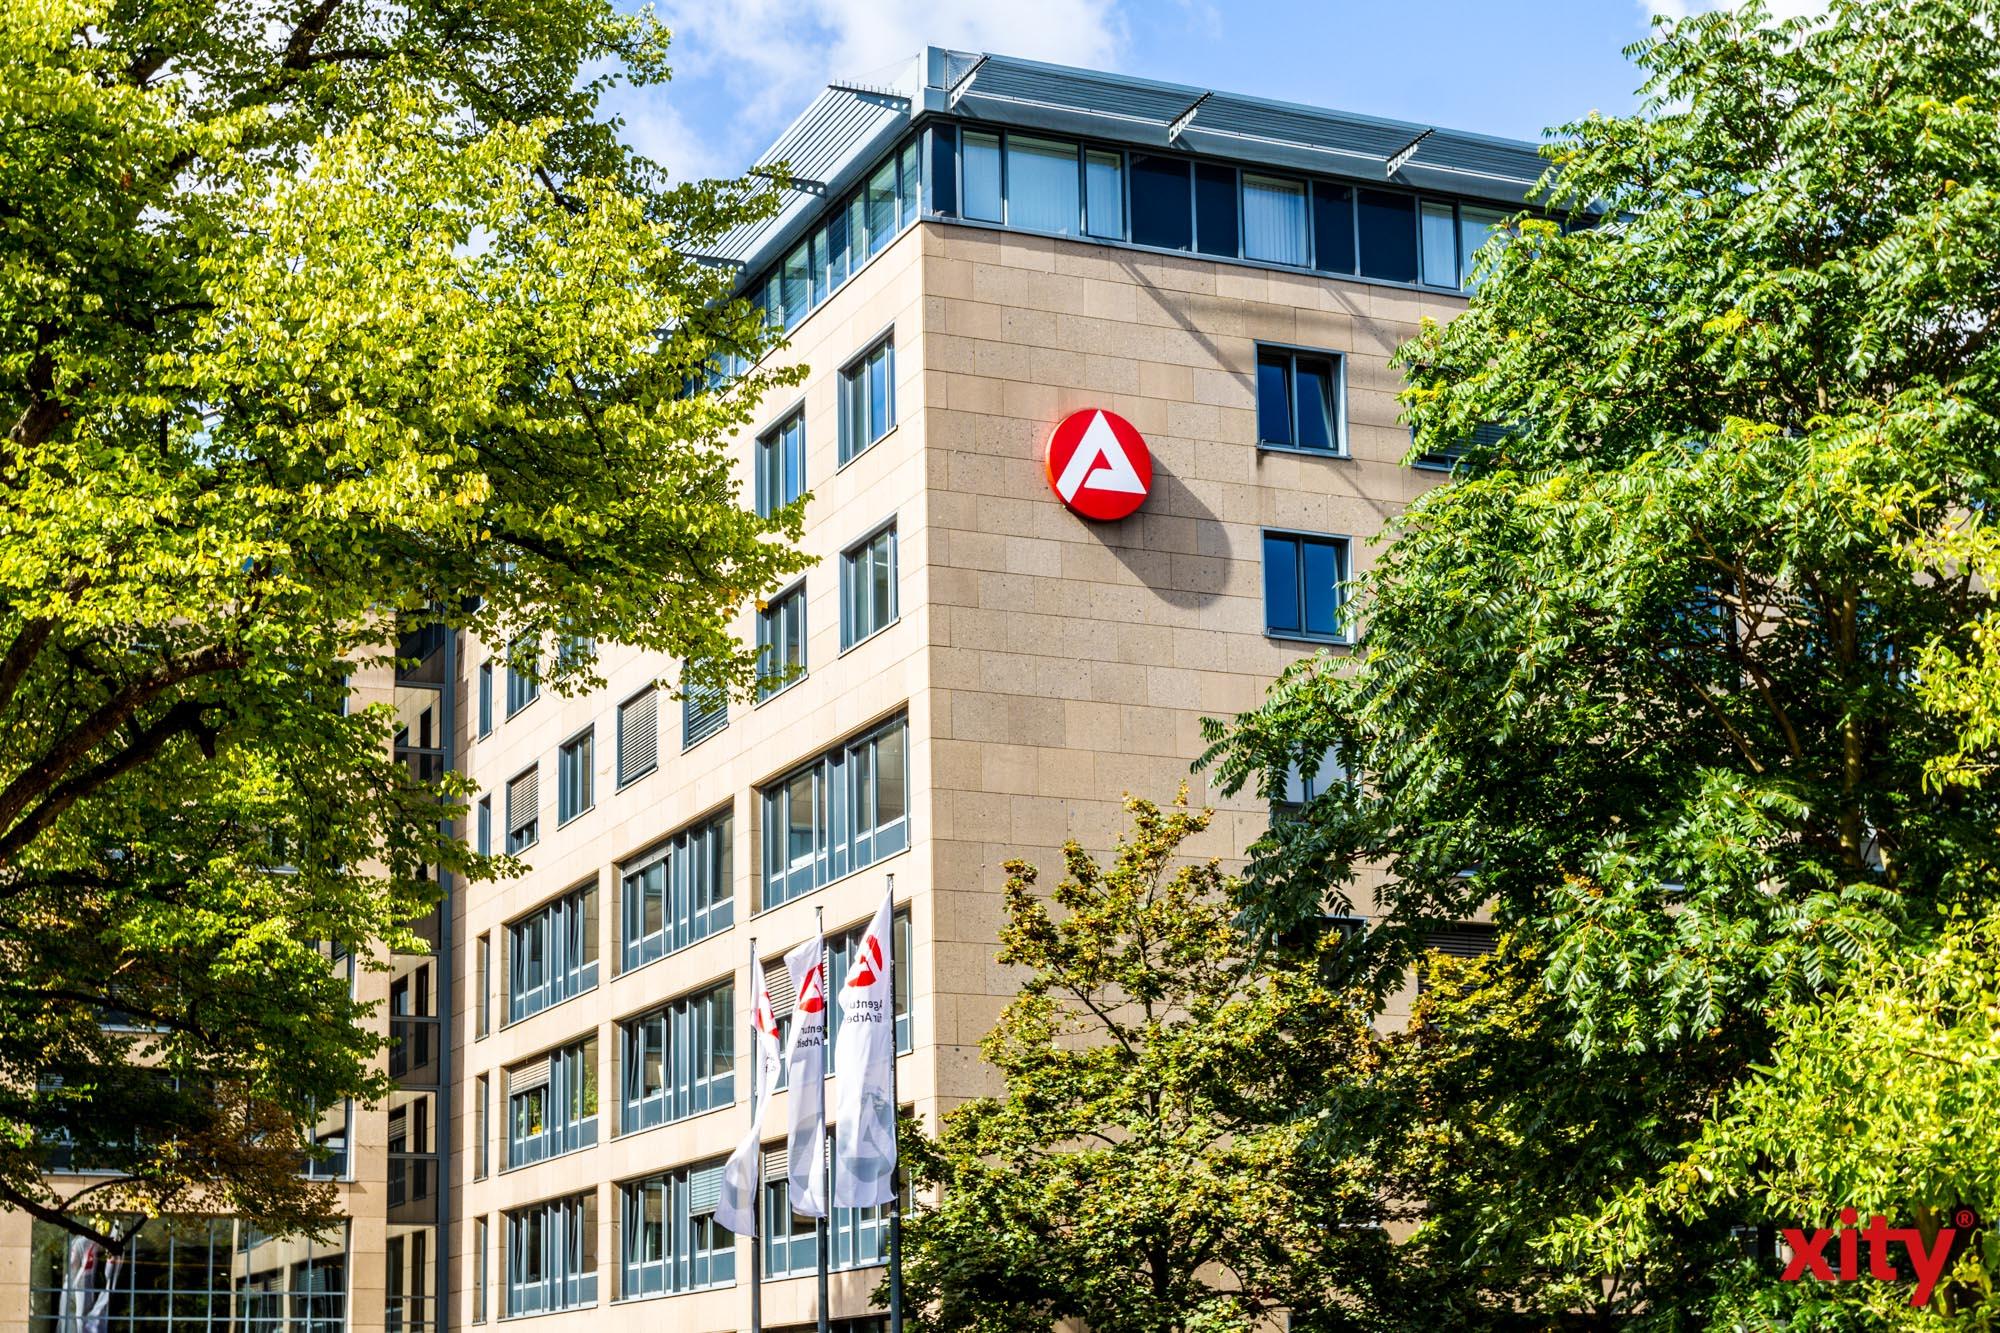 Agentur für Arbeit Düsseldorf: Kurzarbeit zur Qualifizierung nutzen (Foto: xity)